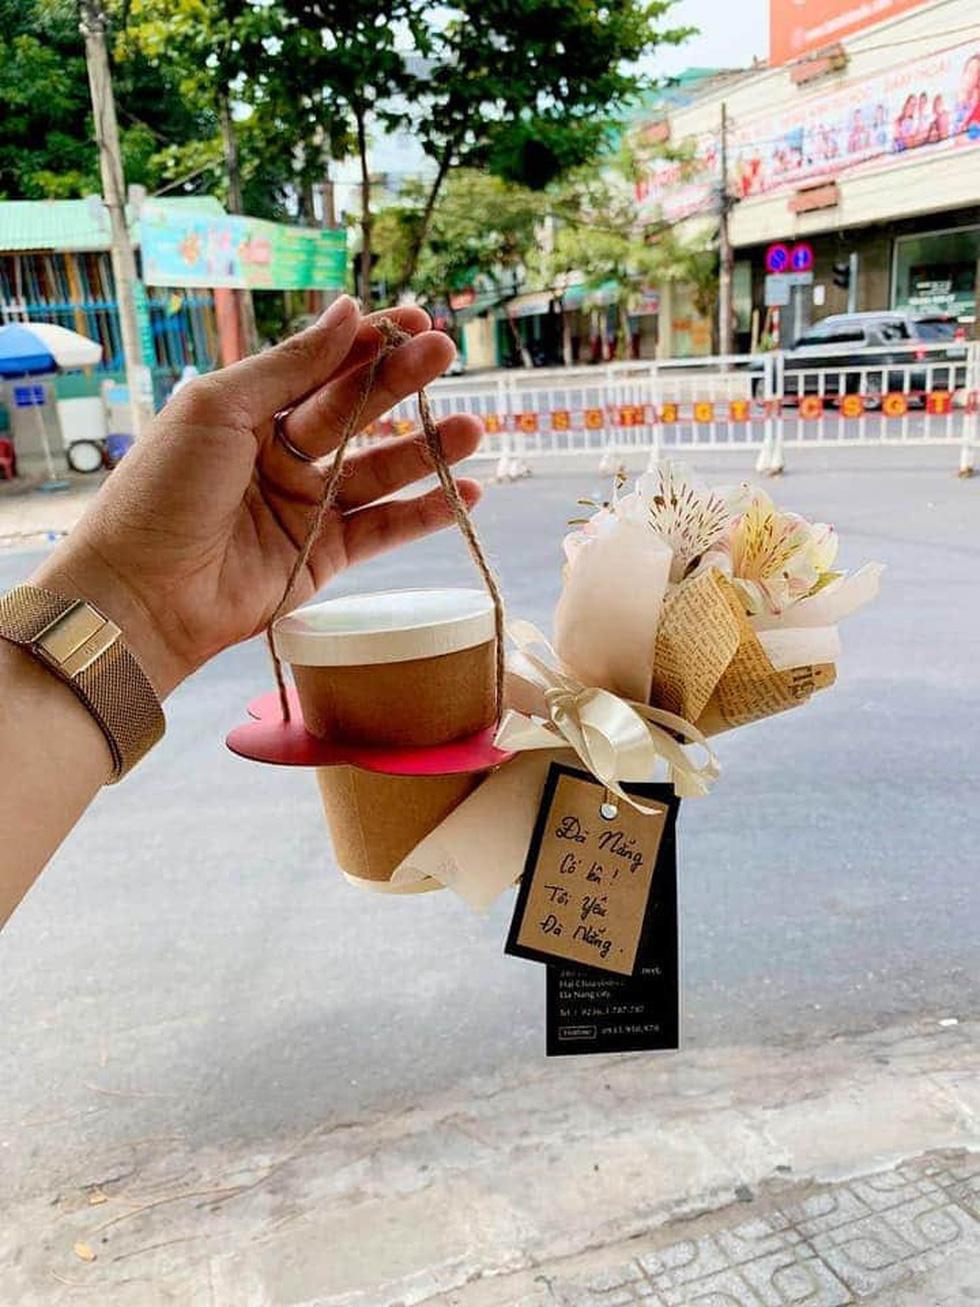 Những món quà cưng gửi tuyến đầu của người dân Đà Nẵng - Ảnh 2.